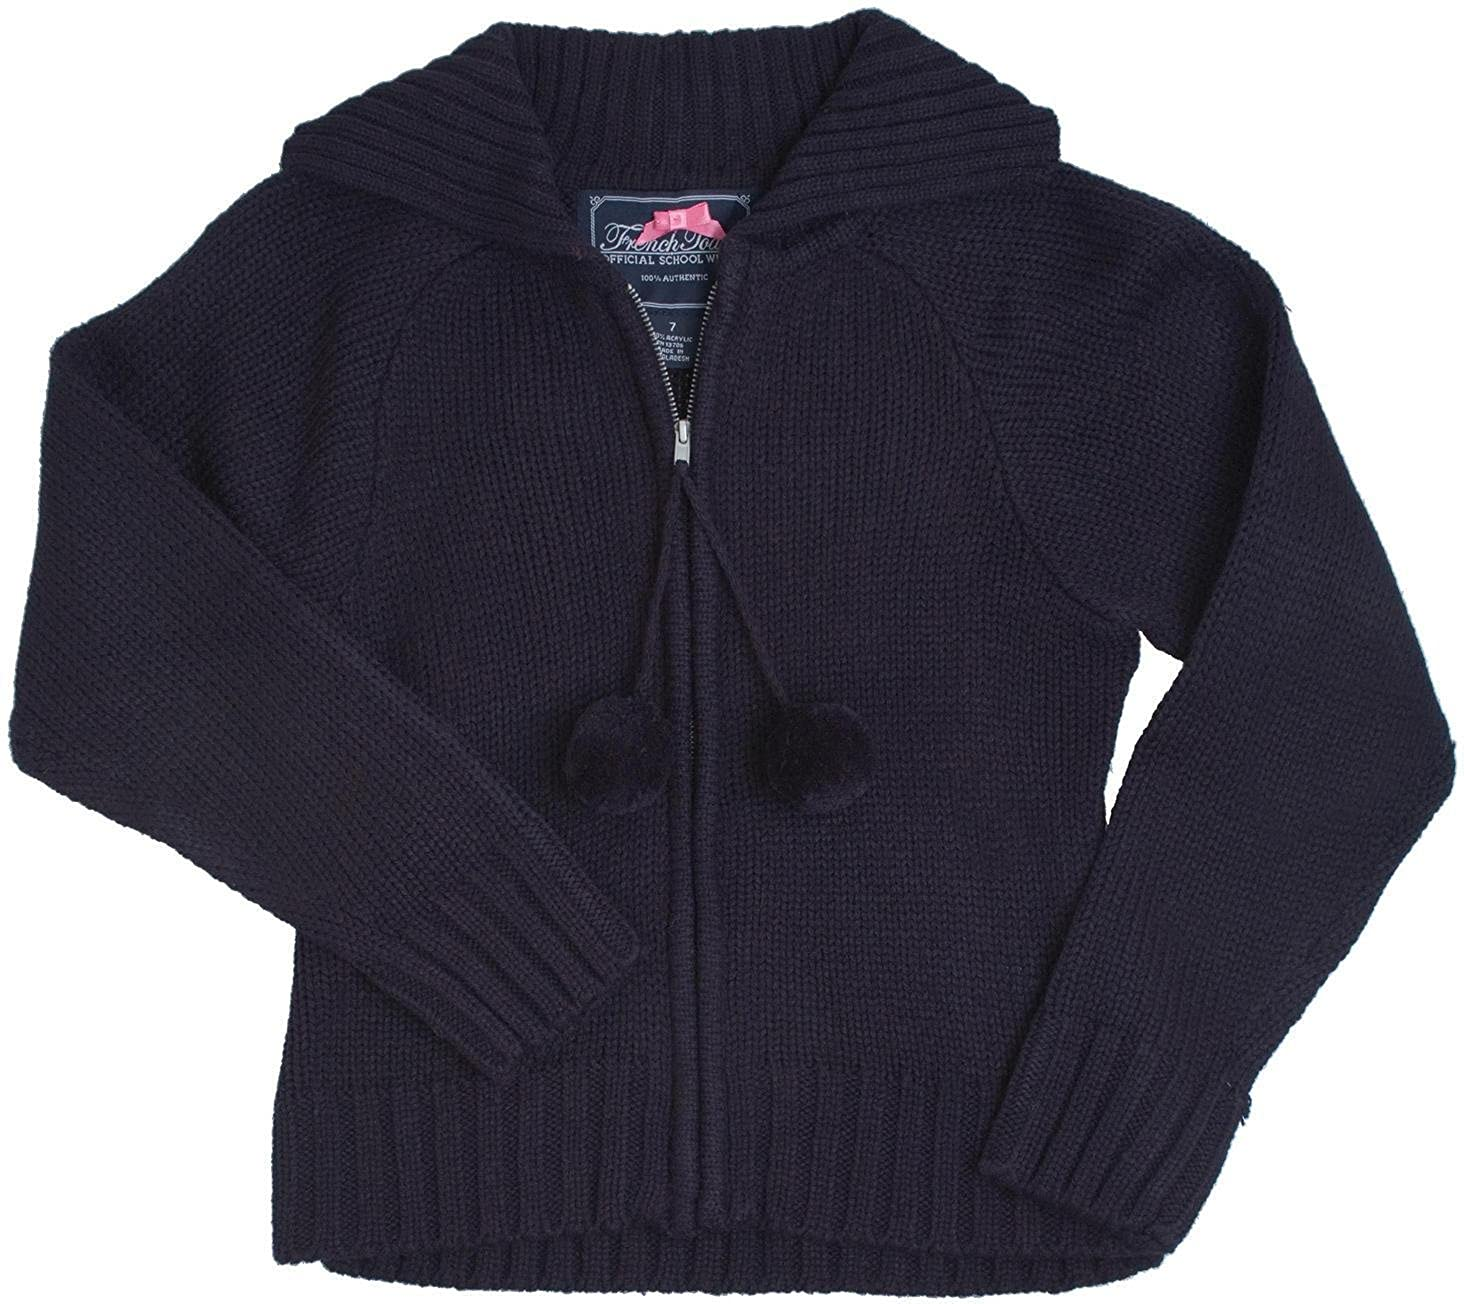 French Toast School Uniform Girls Pom-Pom Zip Up Cardigan Sweater SC9087